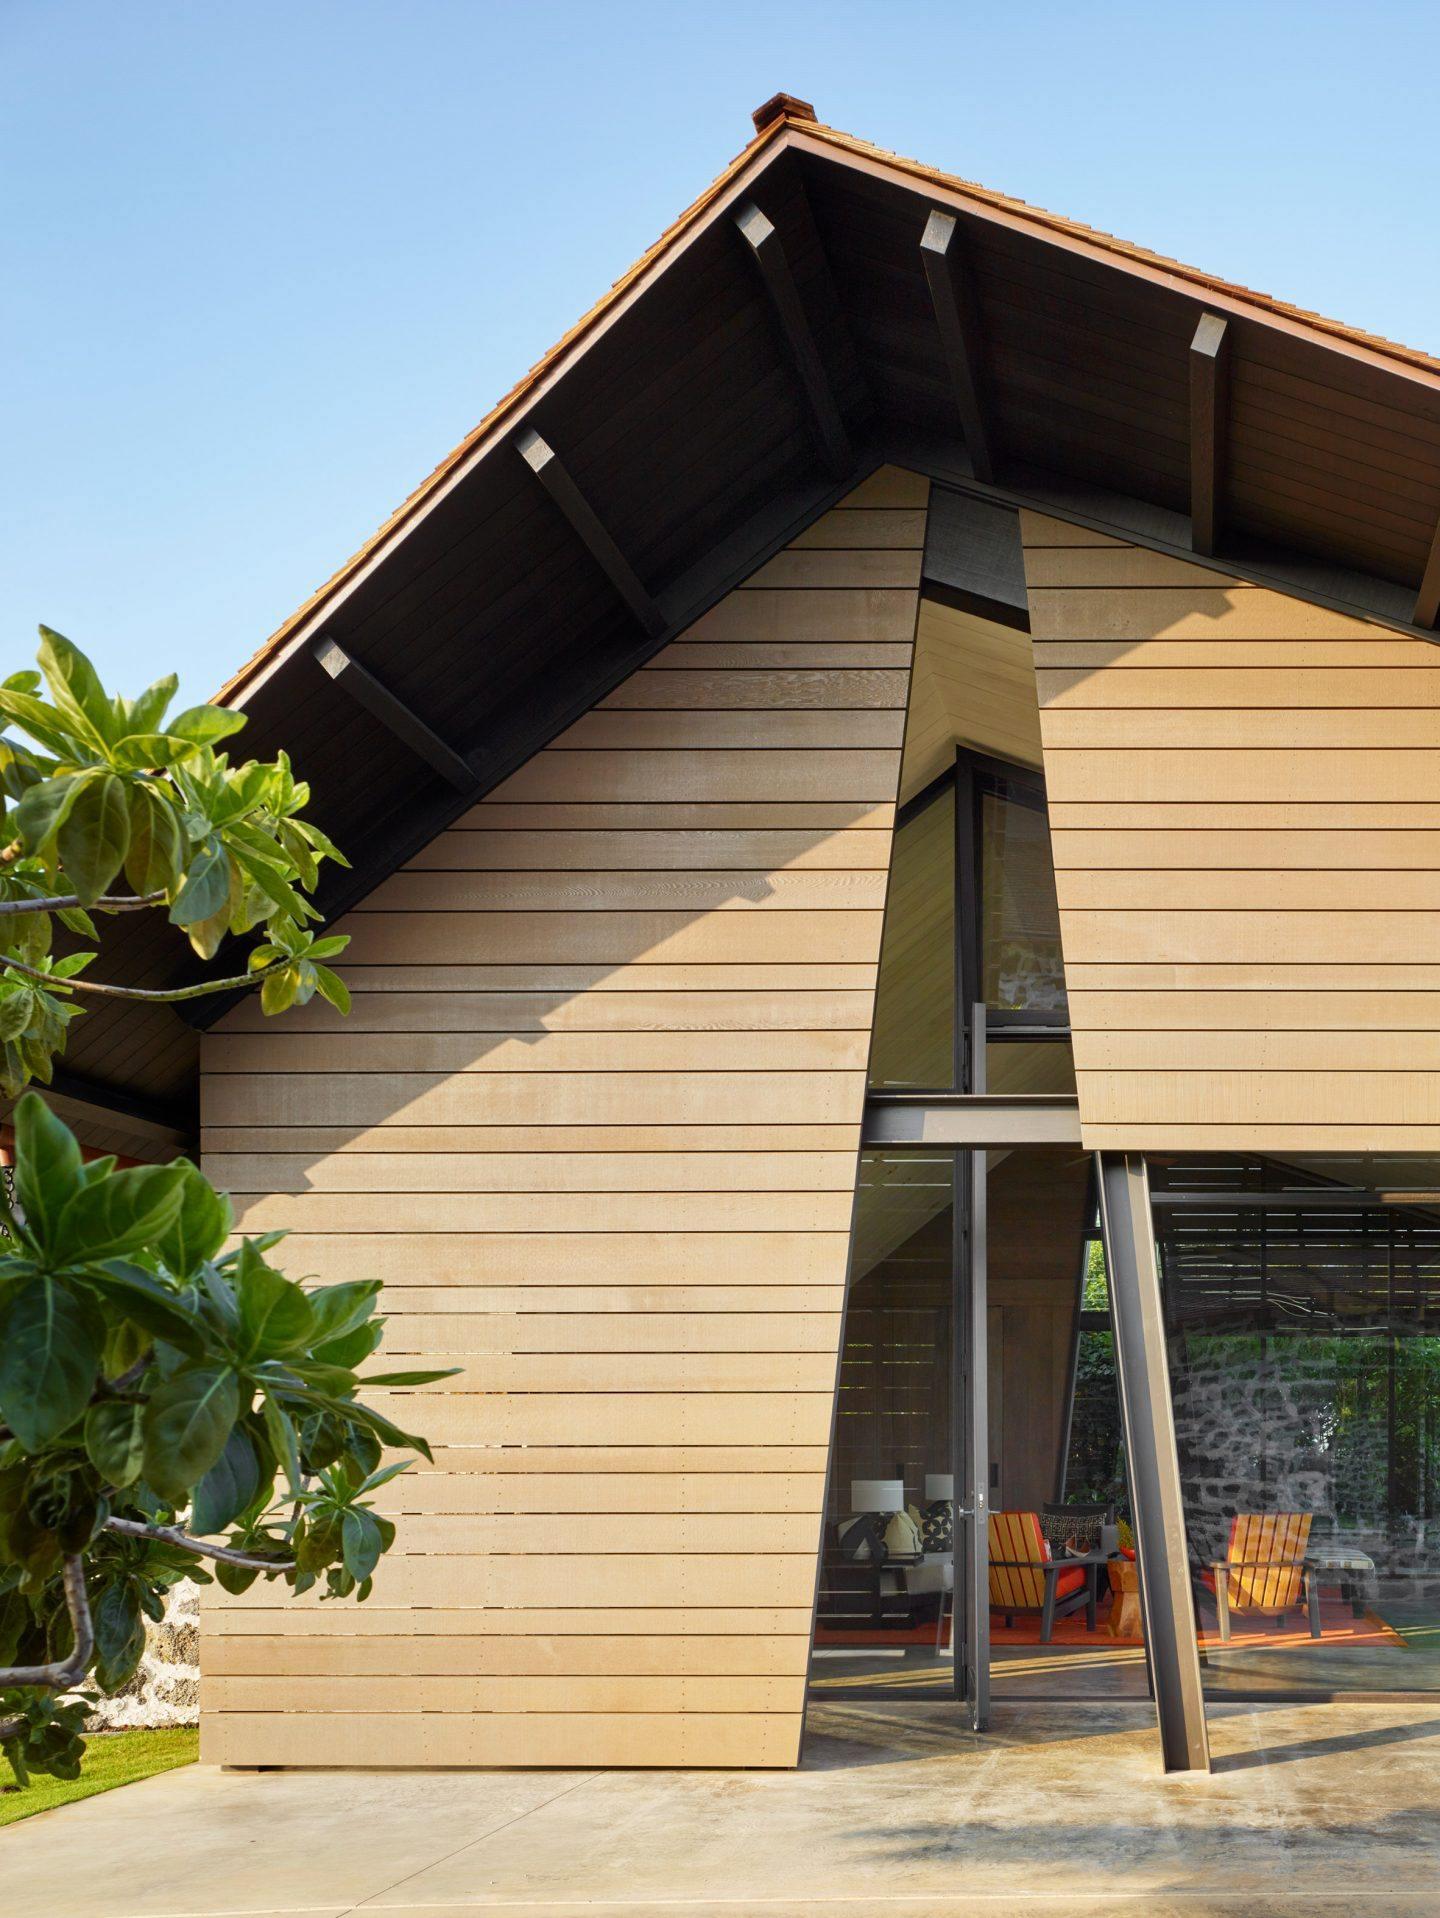 IGNANT-Architecture-Makani-Eka-15